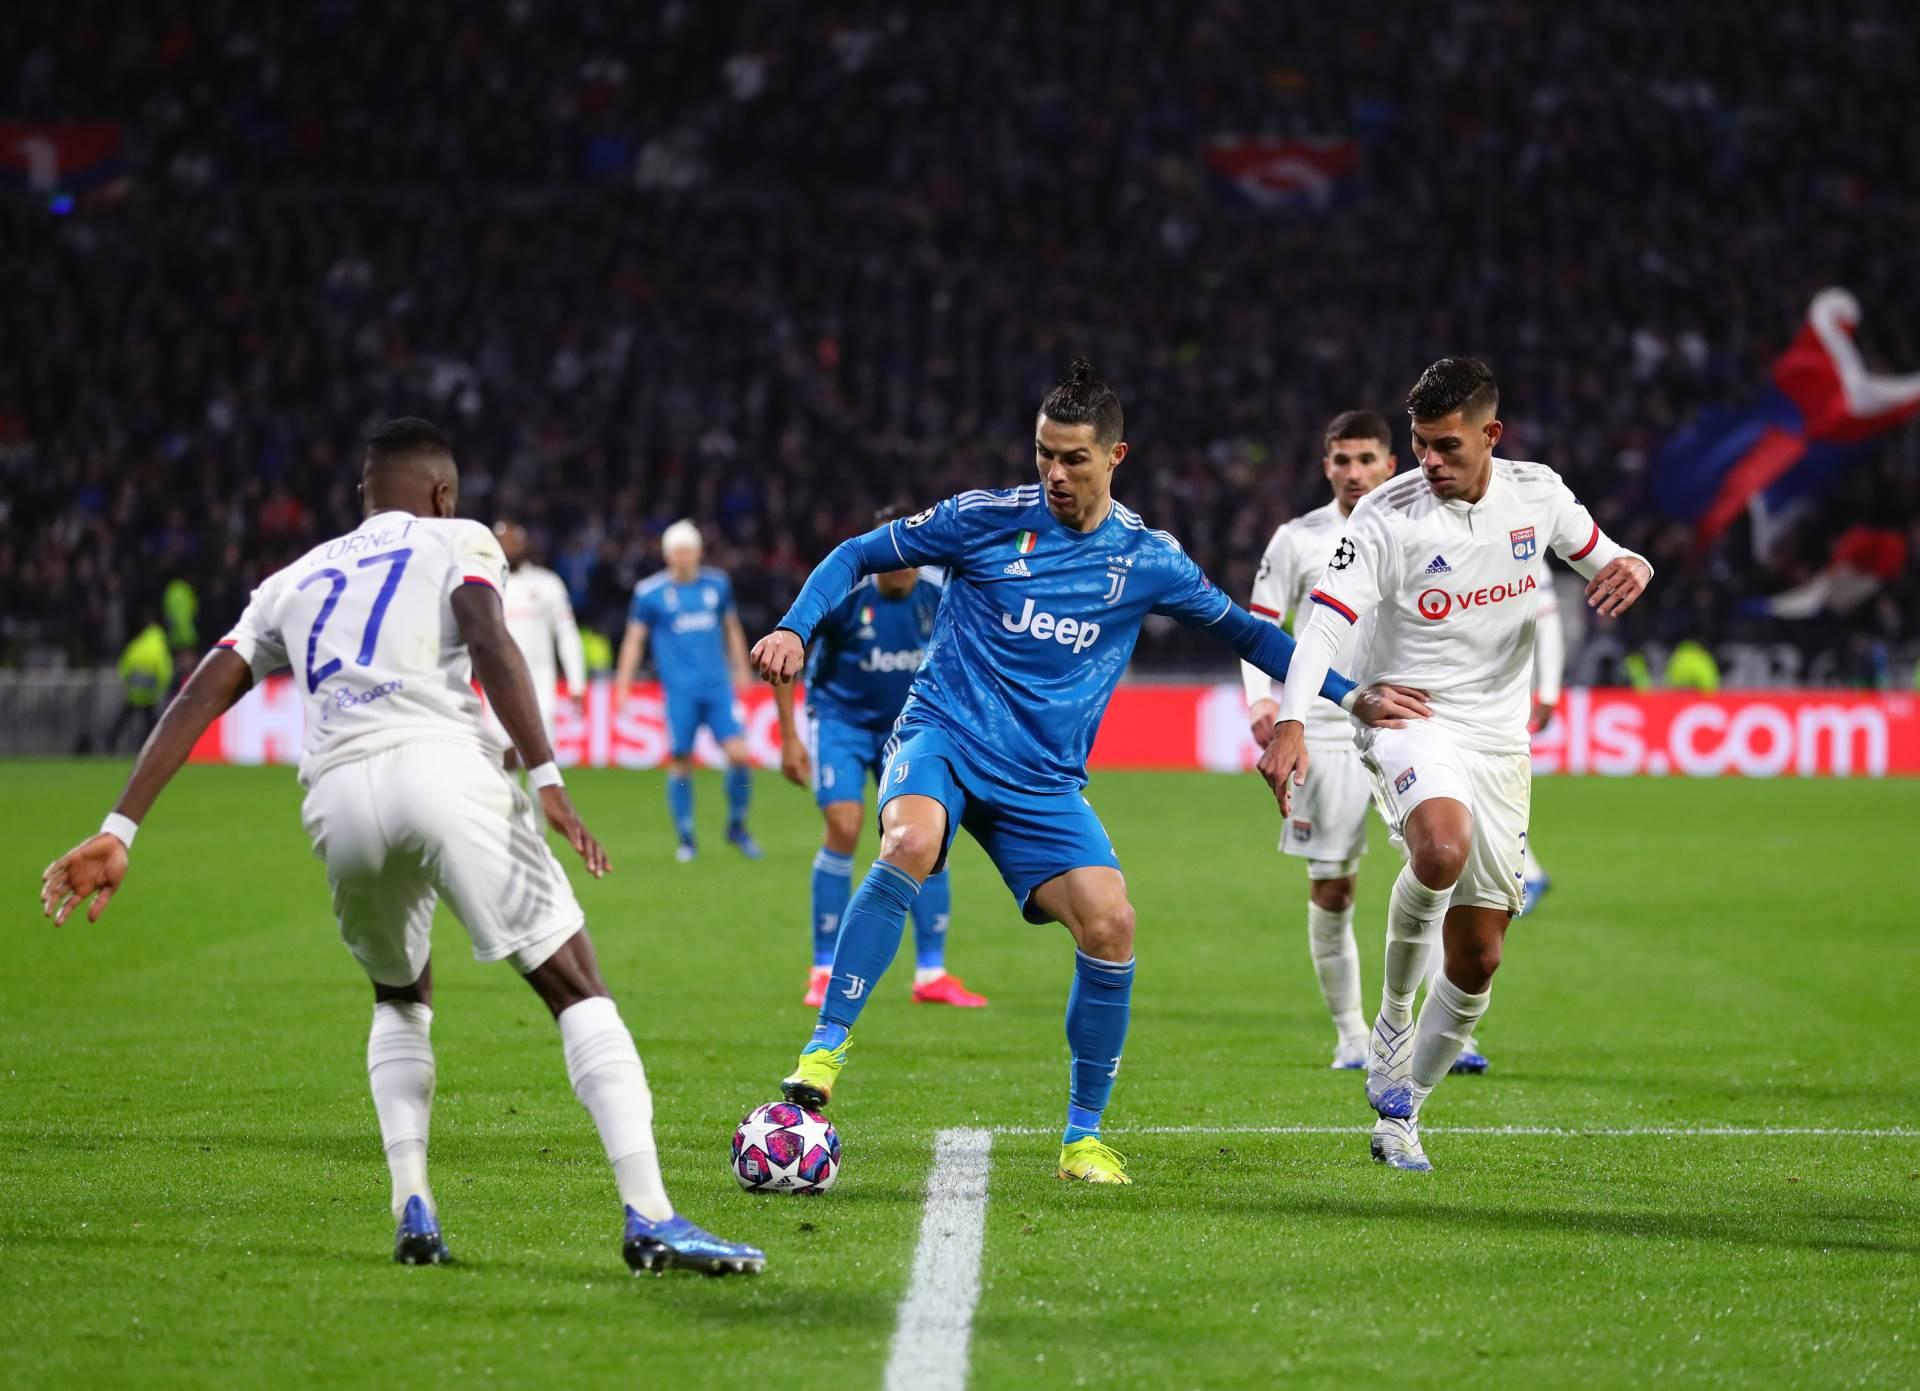 Kristijano Ronaldo, Juventus, Lion